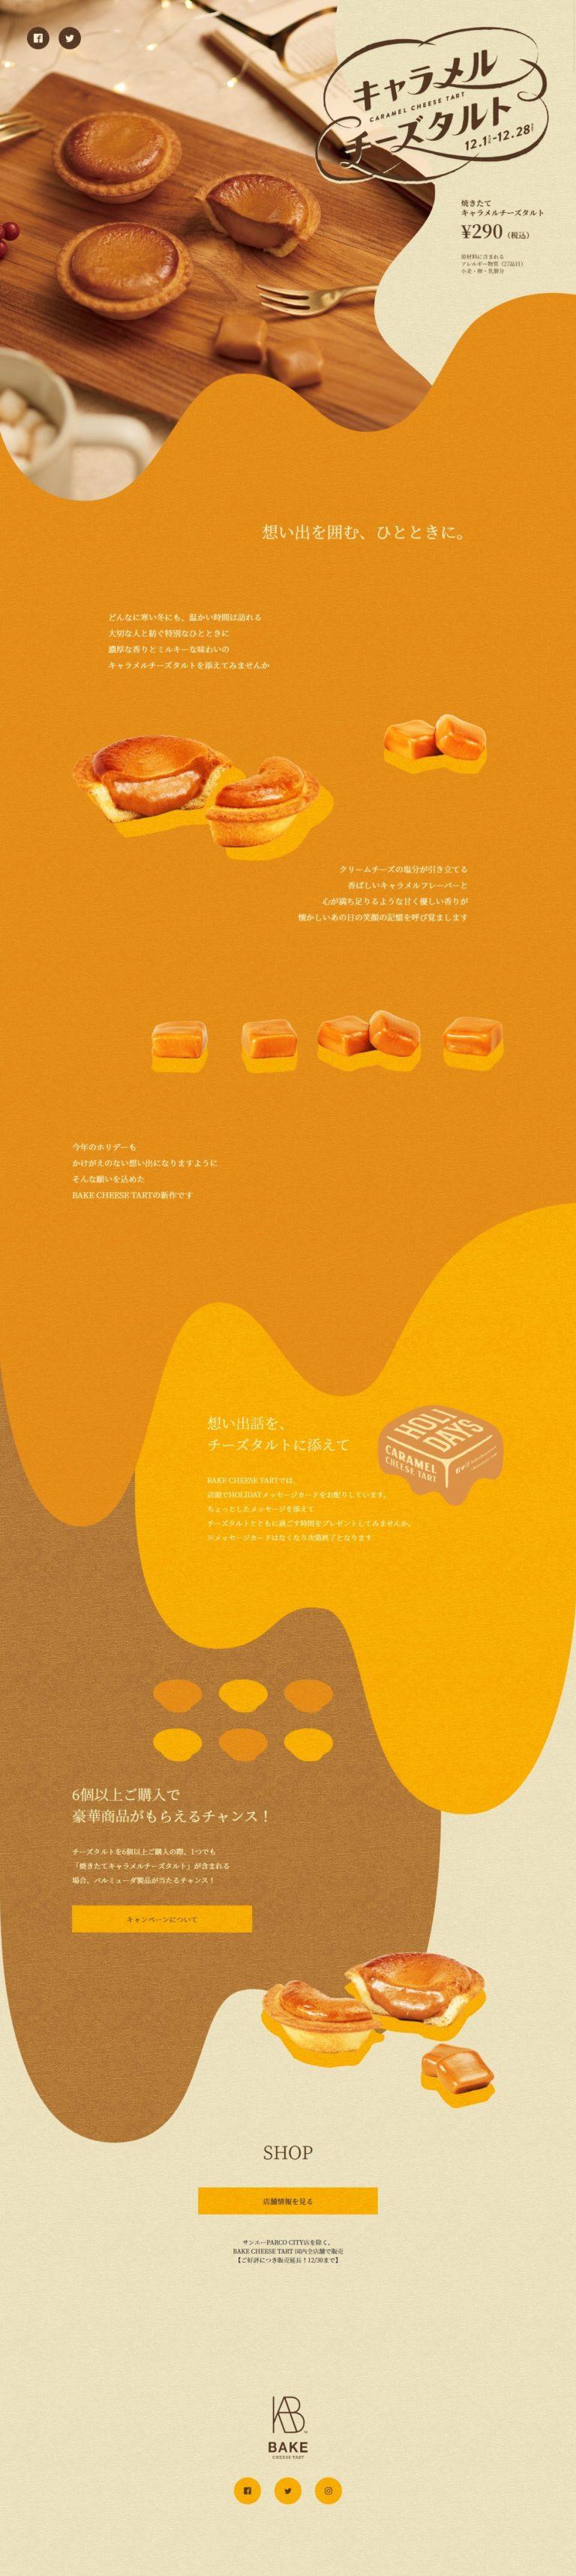 焼きたてキャラメルチーズタルト | ベイクチーズタルト | BAKE CHEESE TART